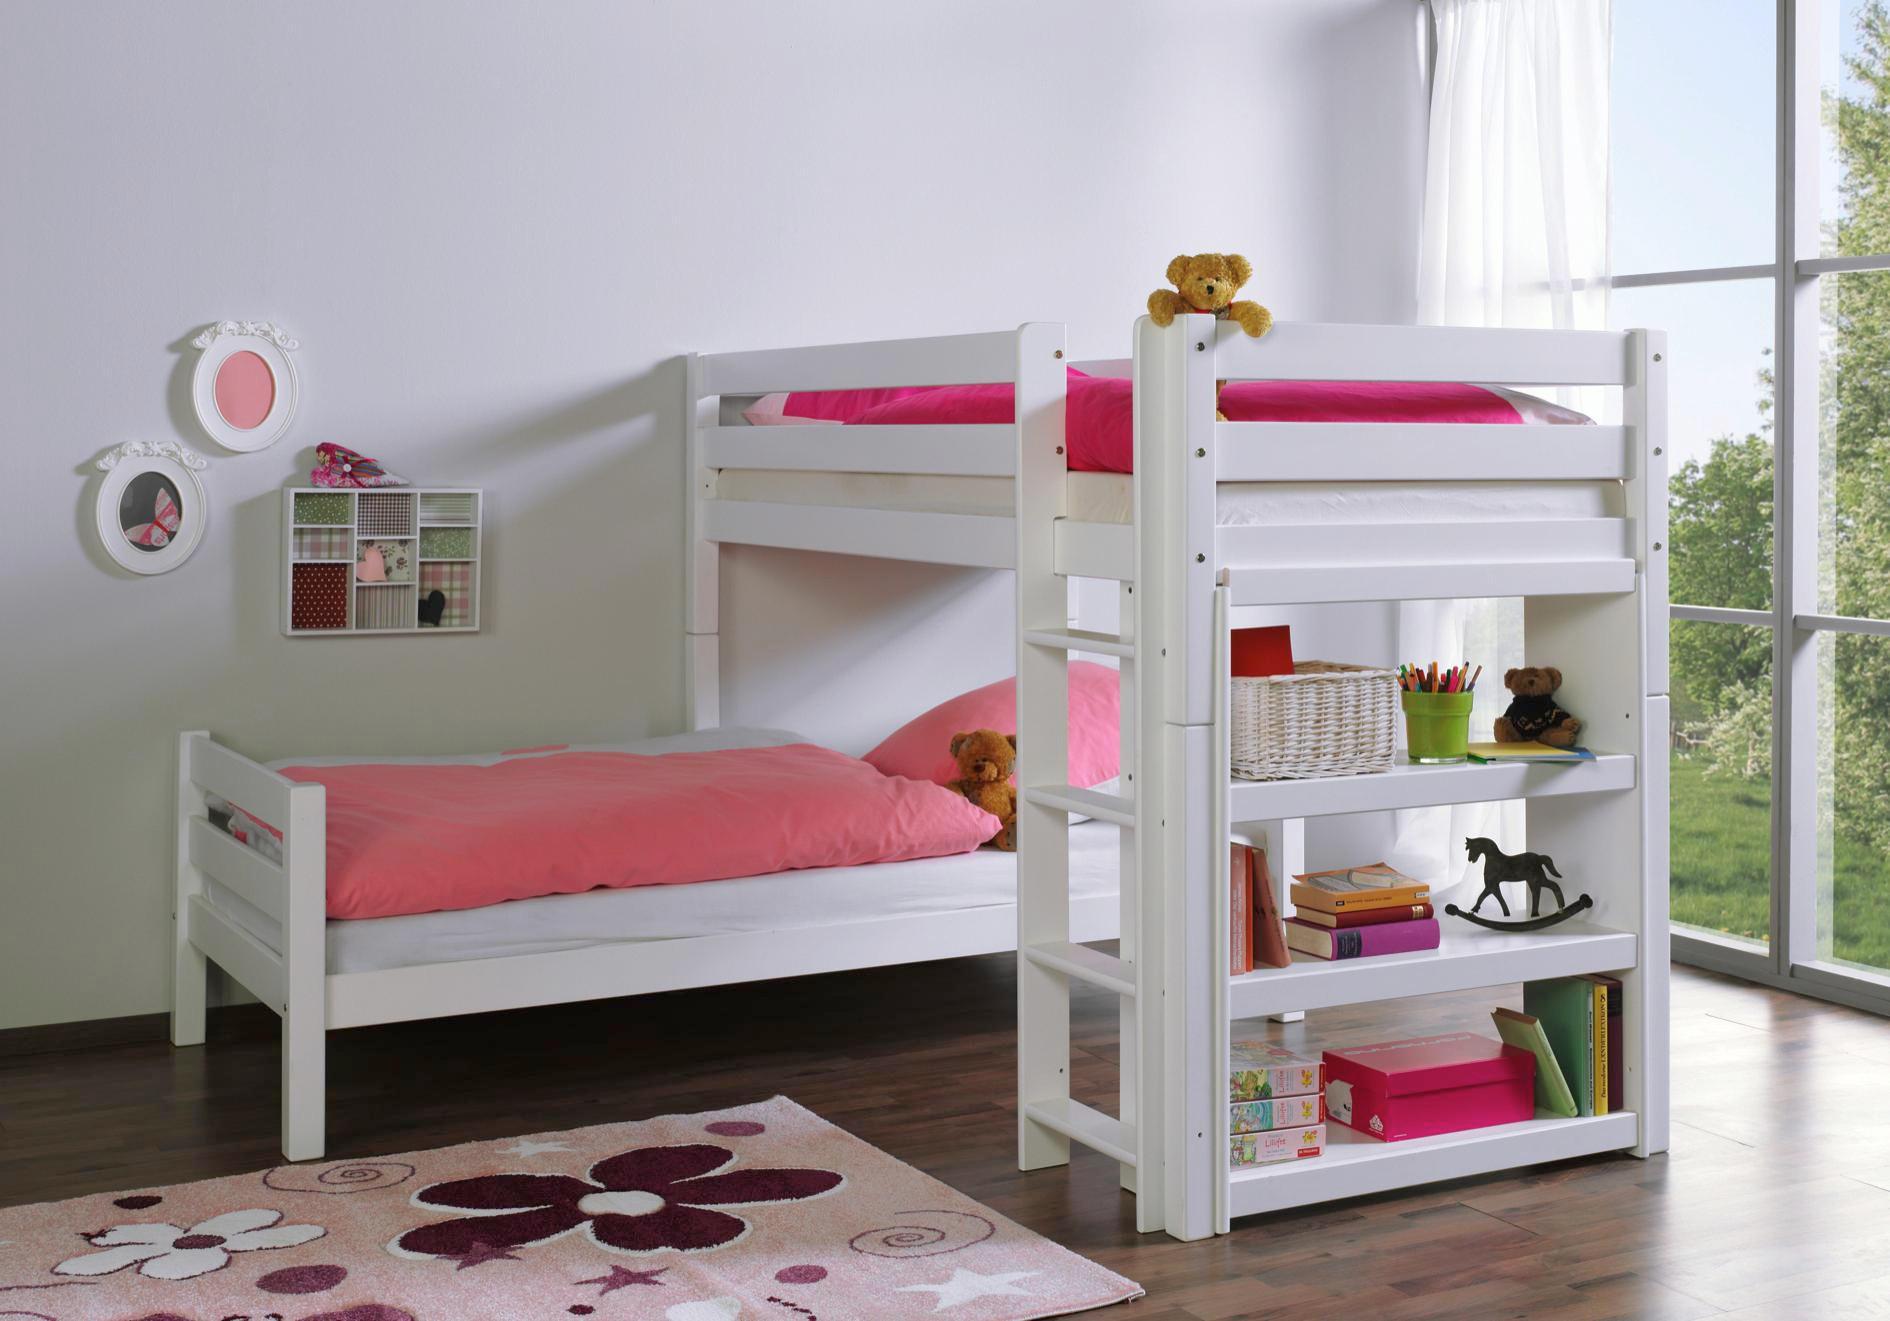 Etagenbett Drei Schlafplätzen : Etagenbetten online bestellen xxxlutz